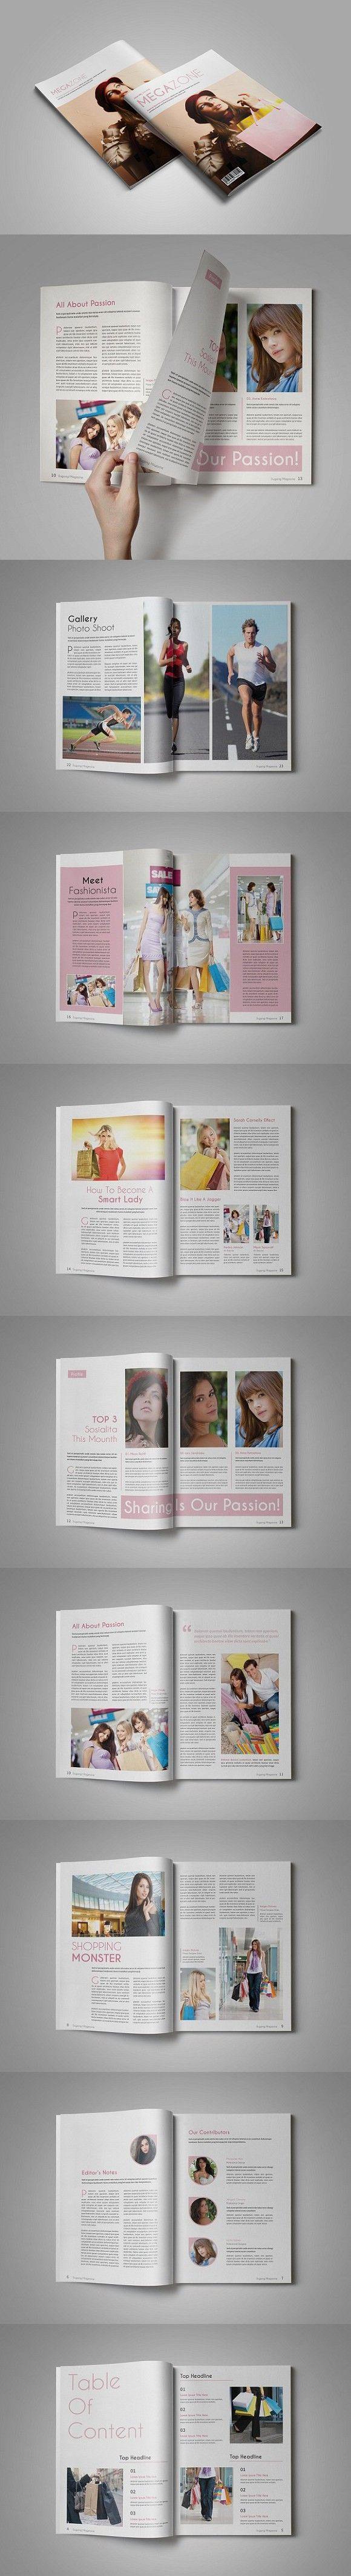 Mejores 590 imágenes de Magazine Templates en Pinterest | Diseño de ...